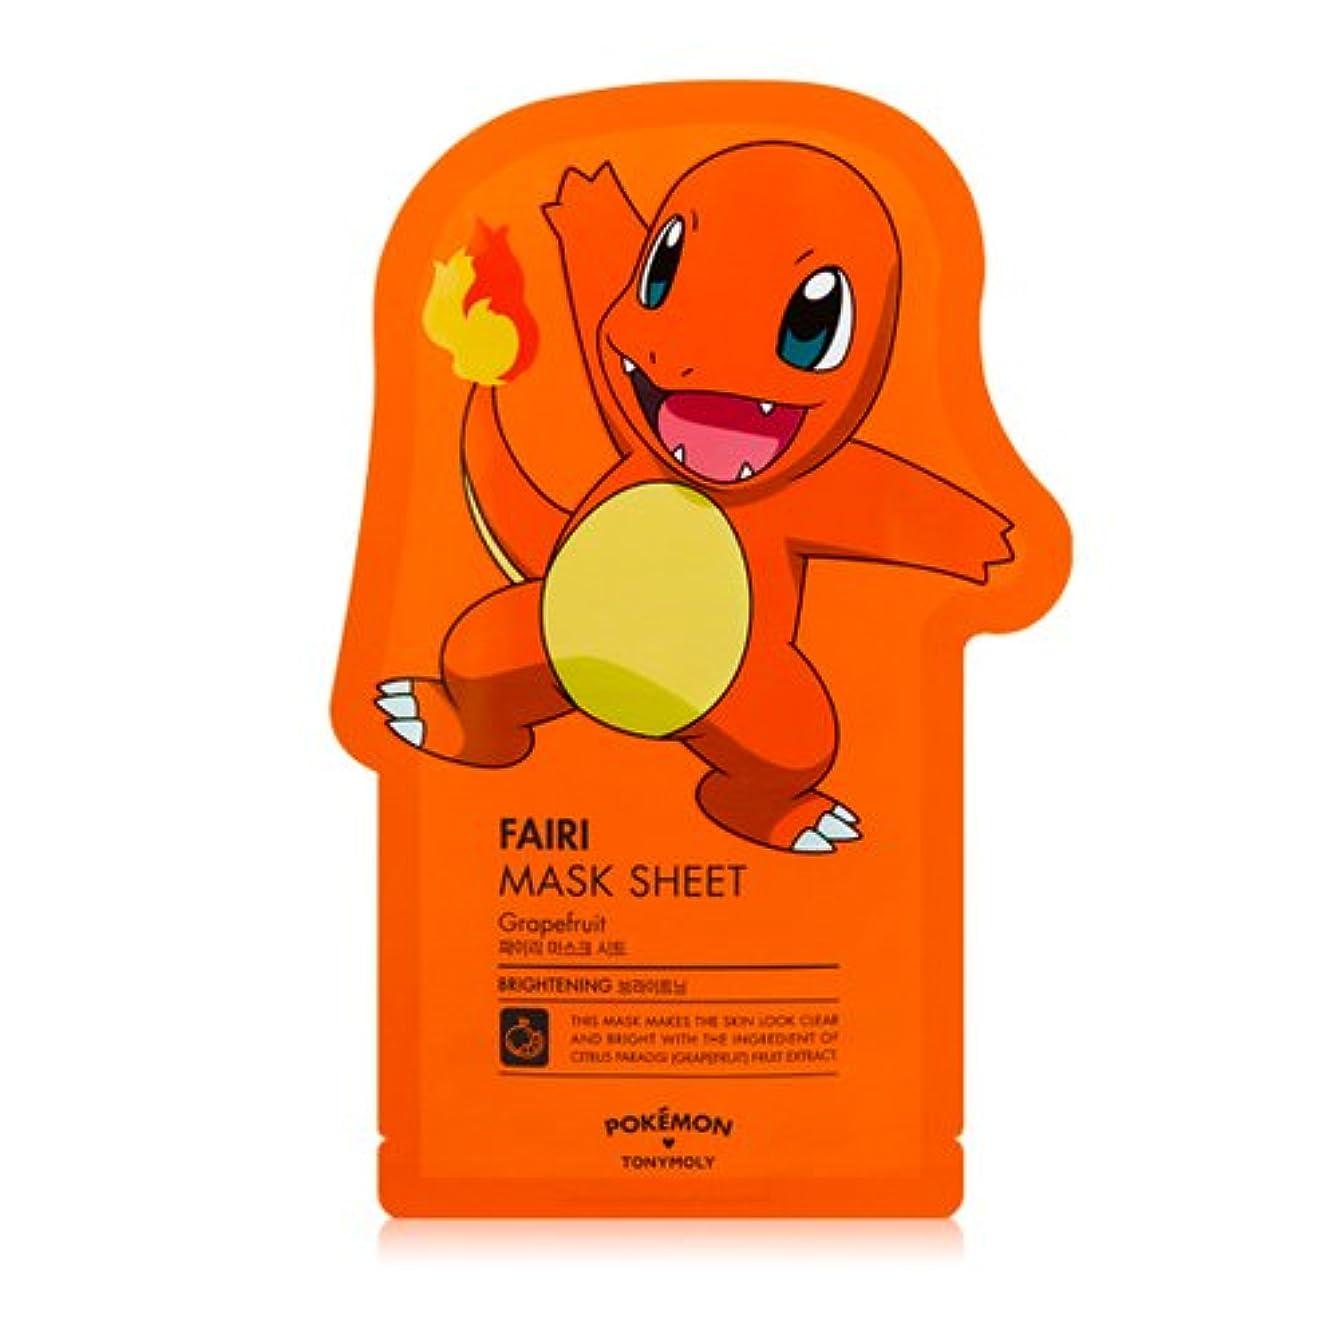 面積意義ジレンマTONYMOLY x Pokemon Charmander/Fairi Mask Sheet (並行輸入品)